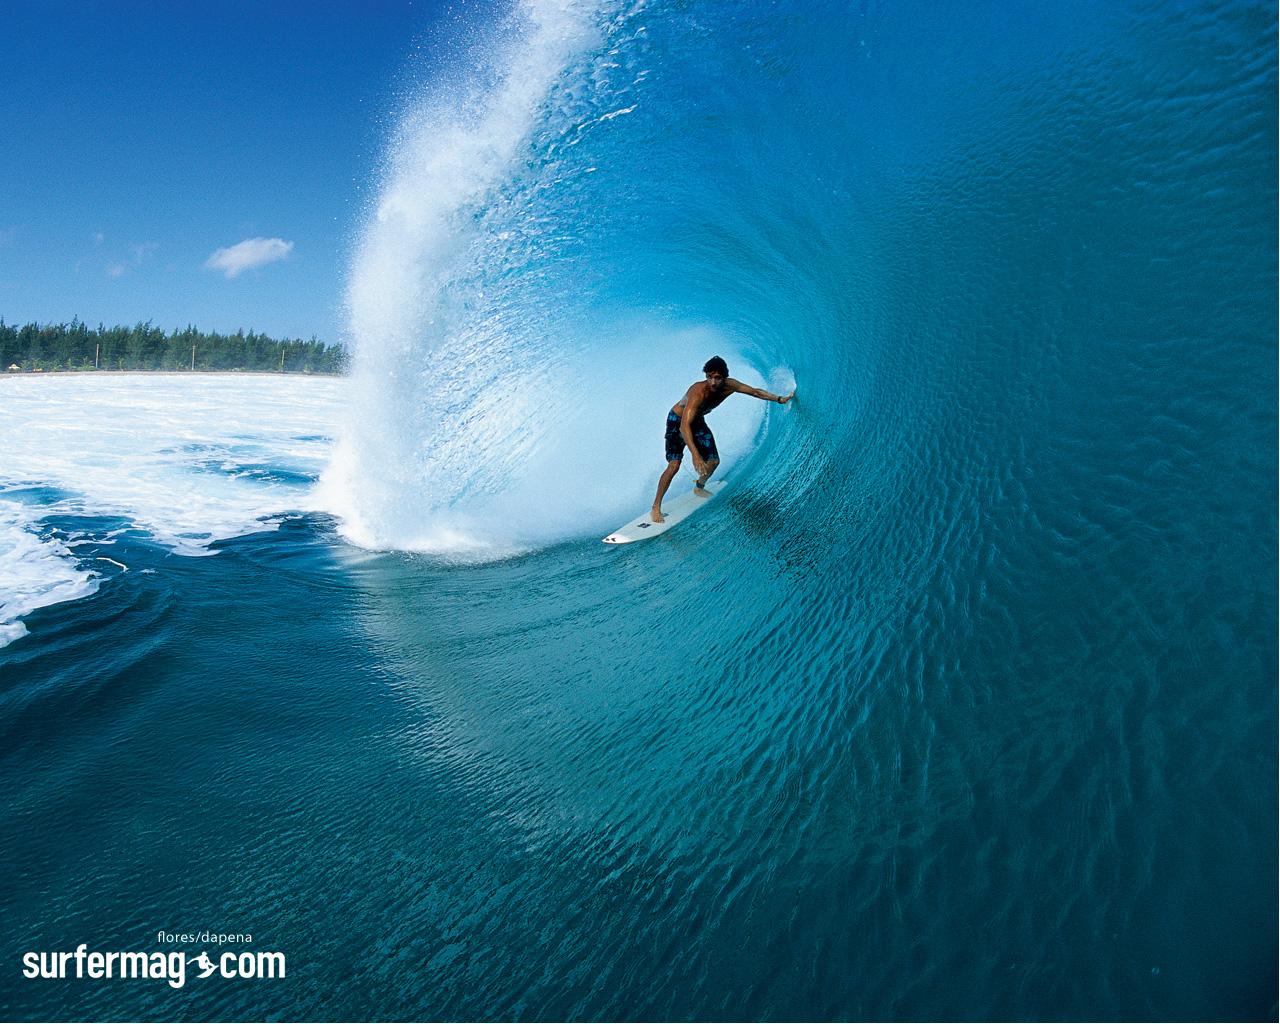 http://3.bp.blogspot.com/-oAz2JYfI-Fc/T9nII_BiqQI/AAAAAAAAAAM/aGsdTmeo8zs/s1600/surf.jpg